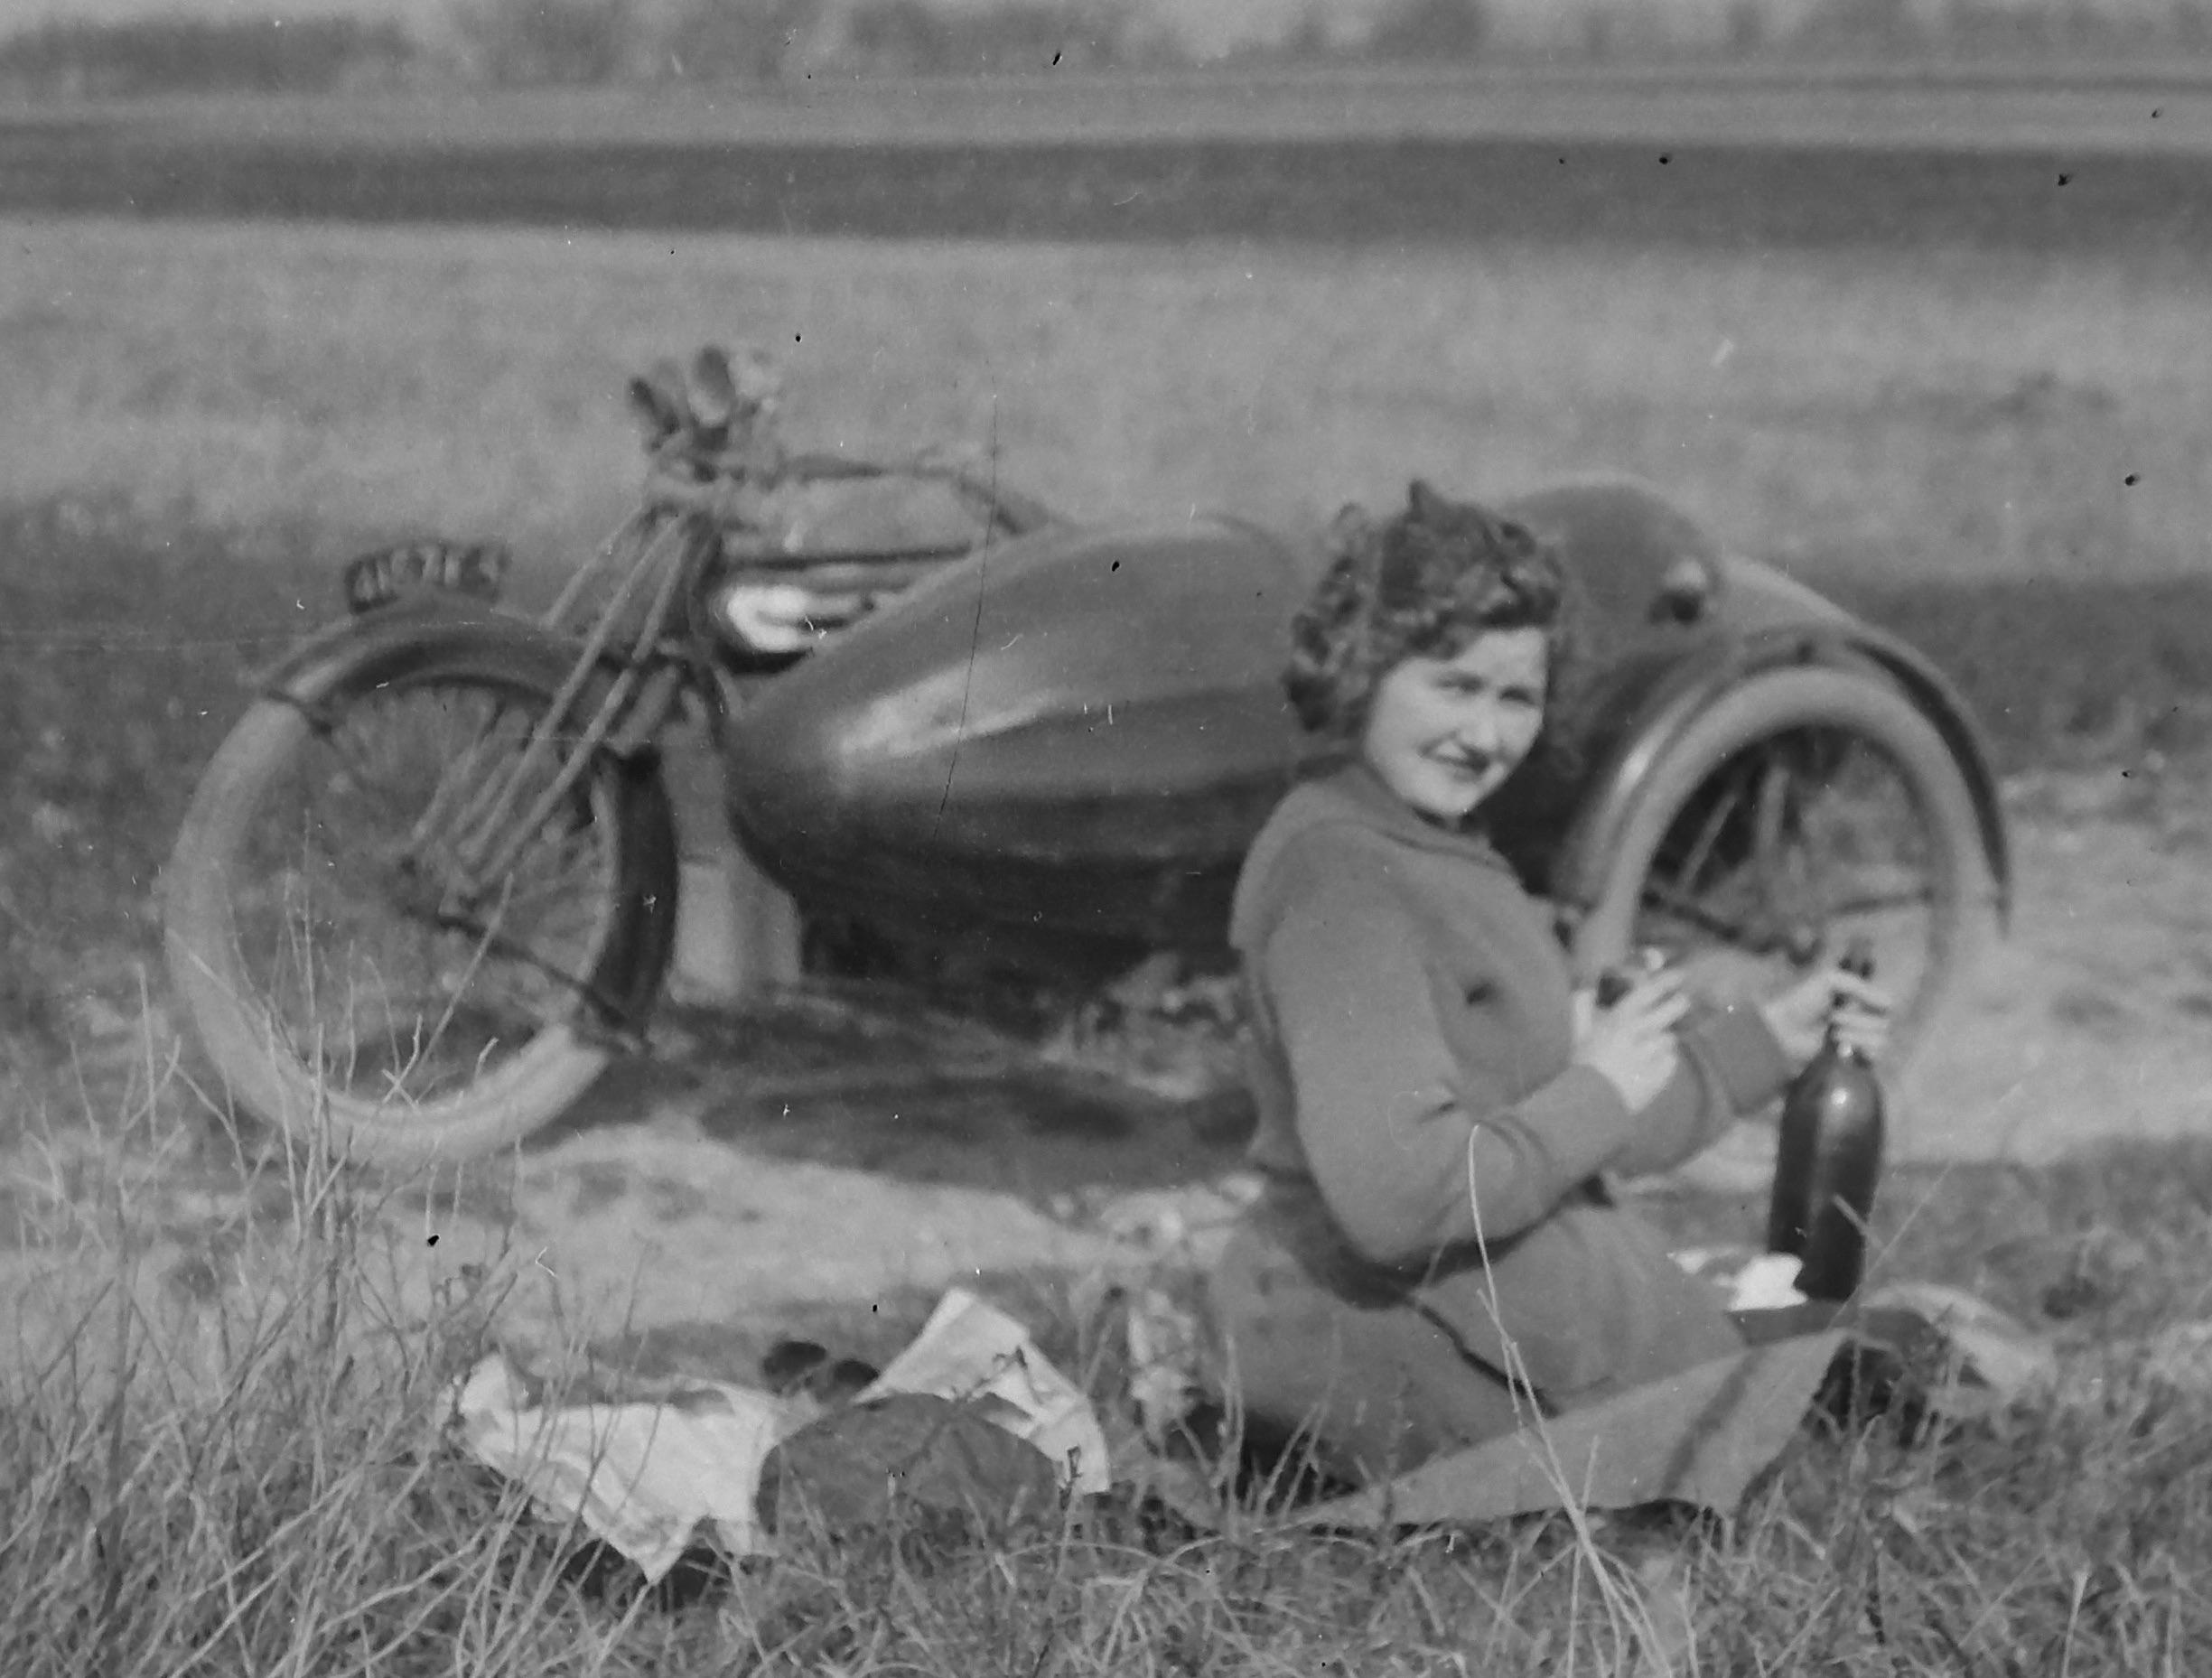 Germaine et la moto de Lucien